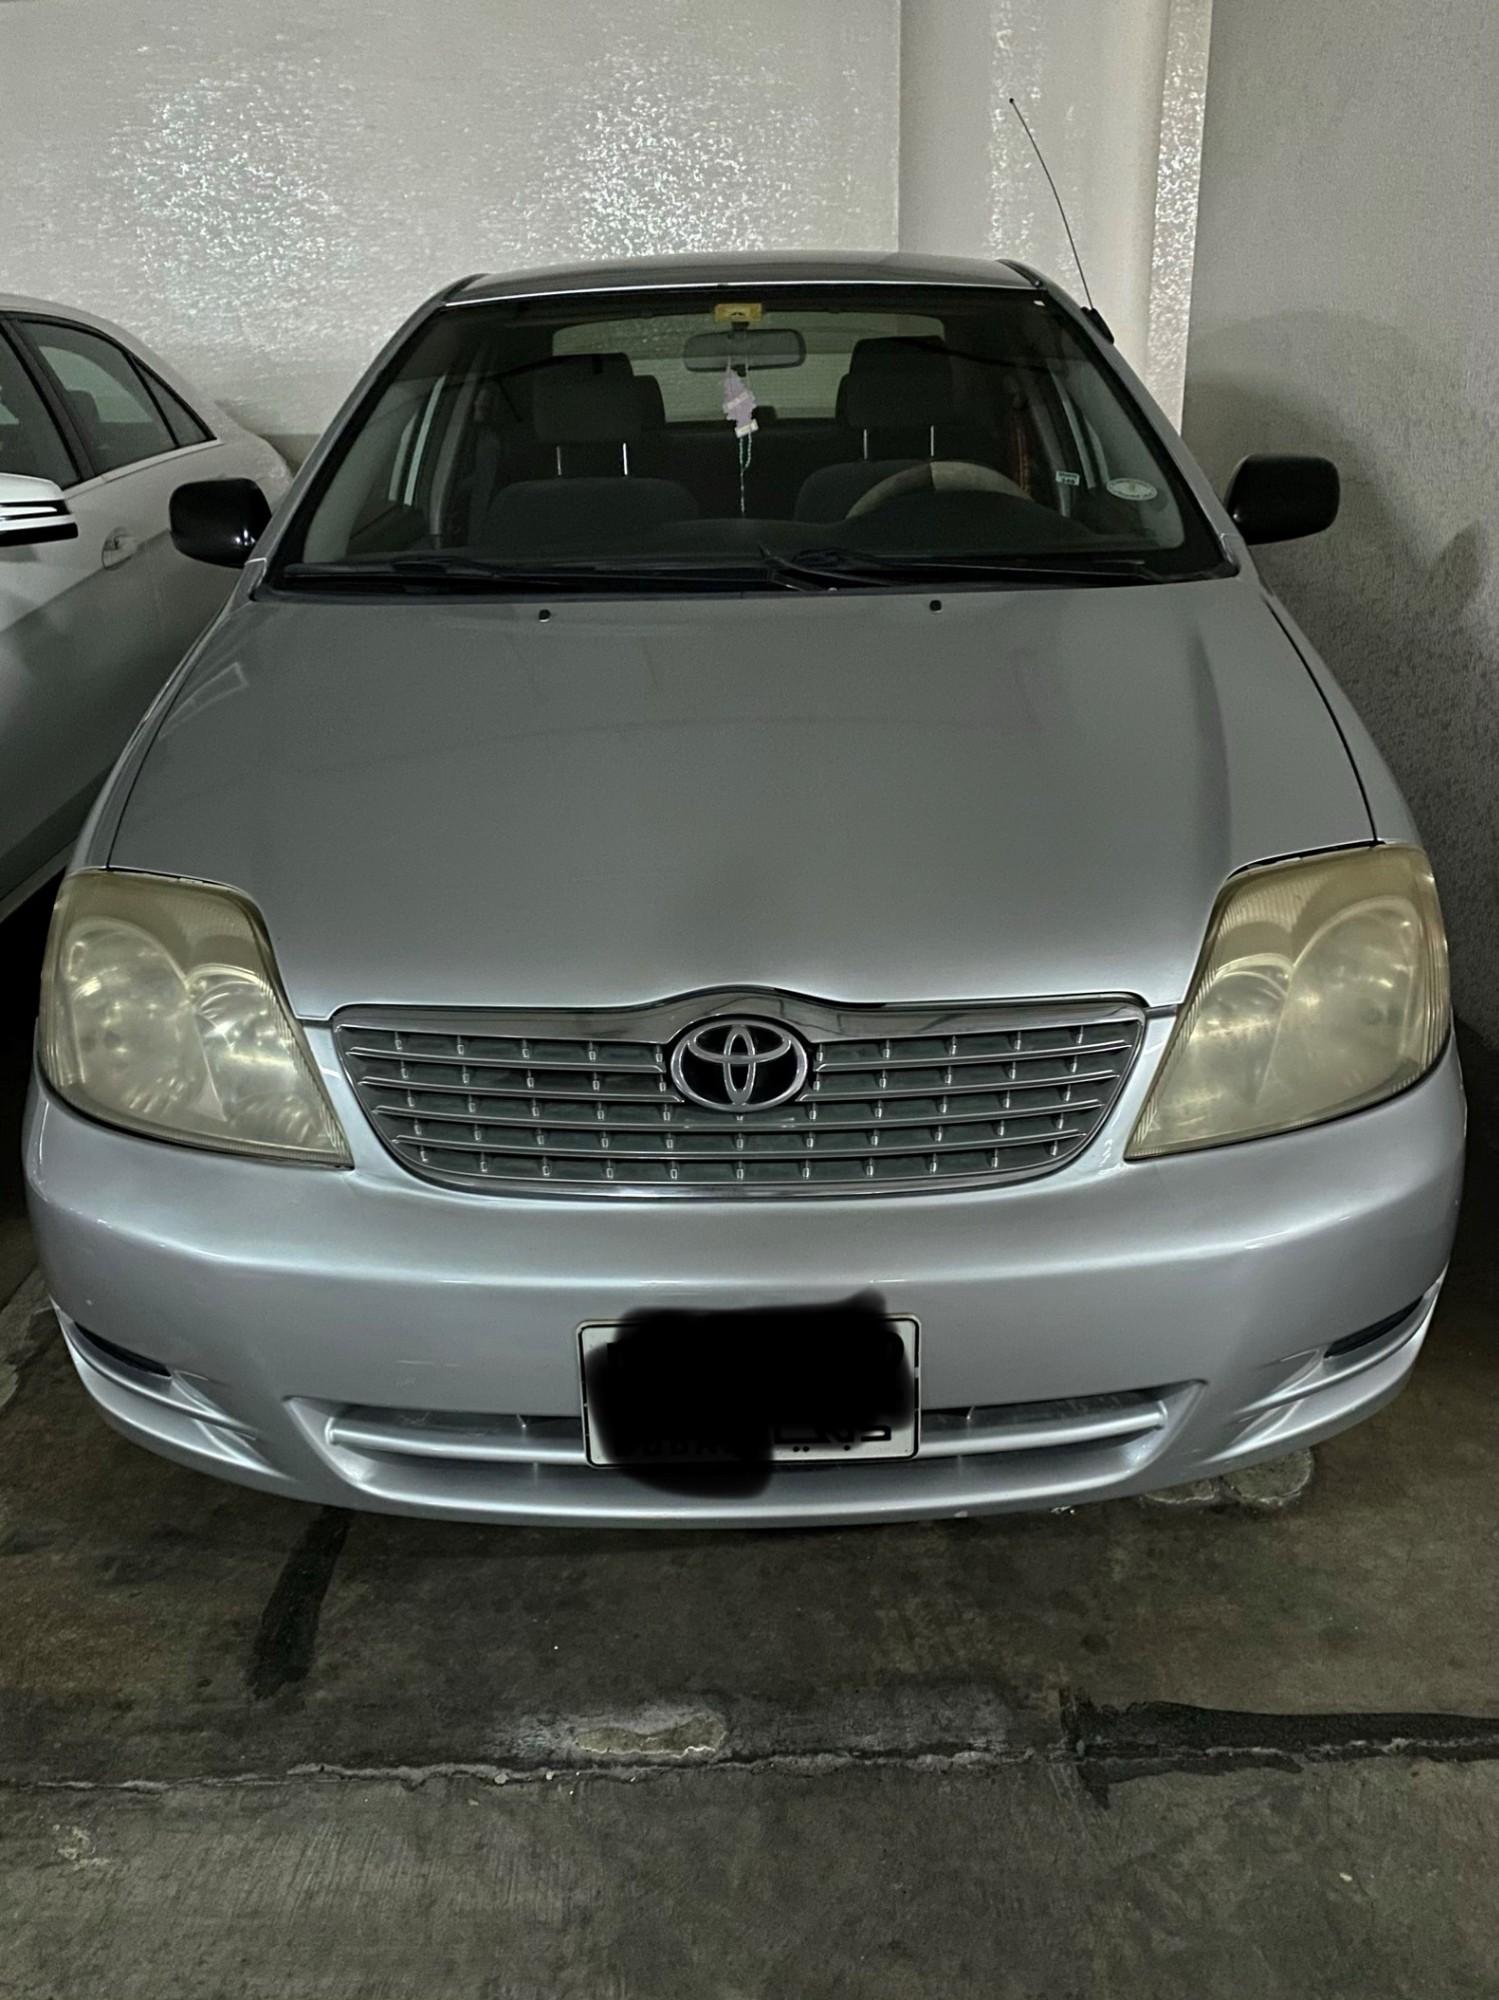 Kelebihan Kekurangan Toyota 2004 Spesifikasi